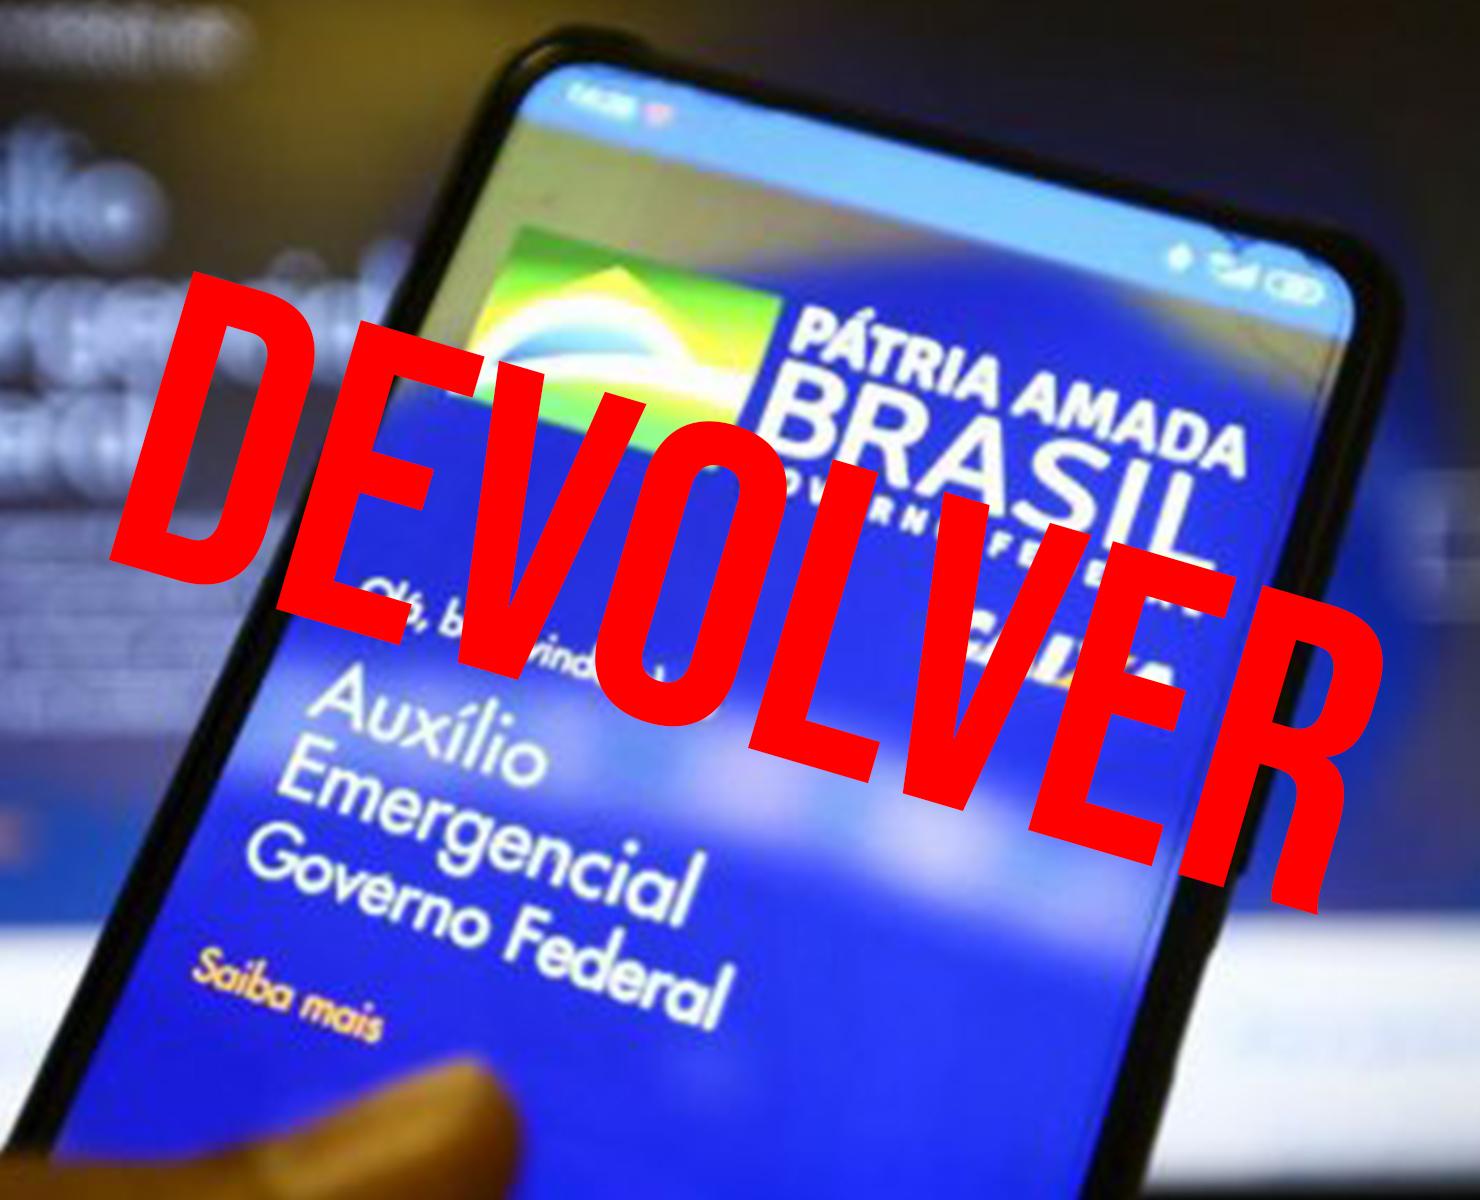 AUXÍLIO EMERGENCIAL: GOVERNO VAI MANDAR MENSAGEM PELO CELULAR COBRANDO VALOR DE VOLTA